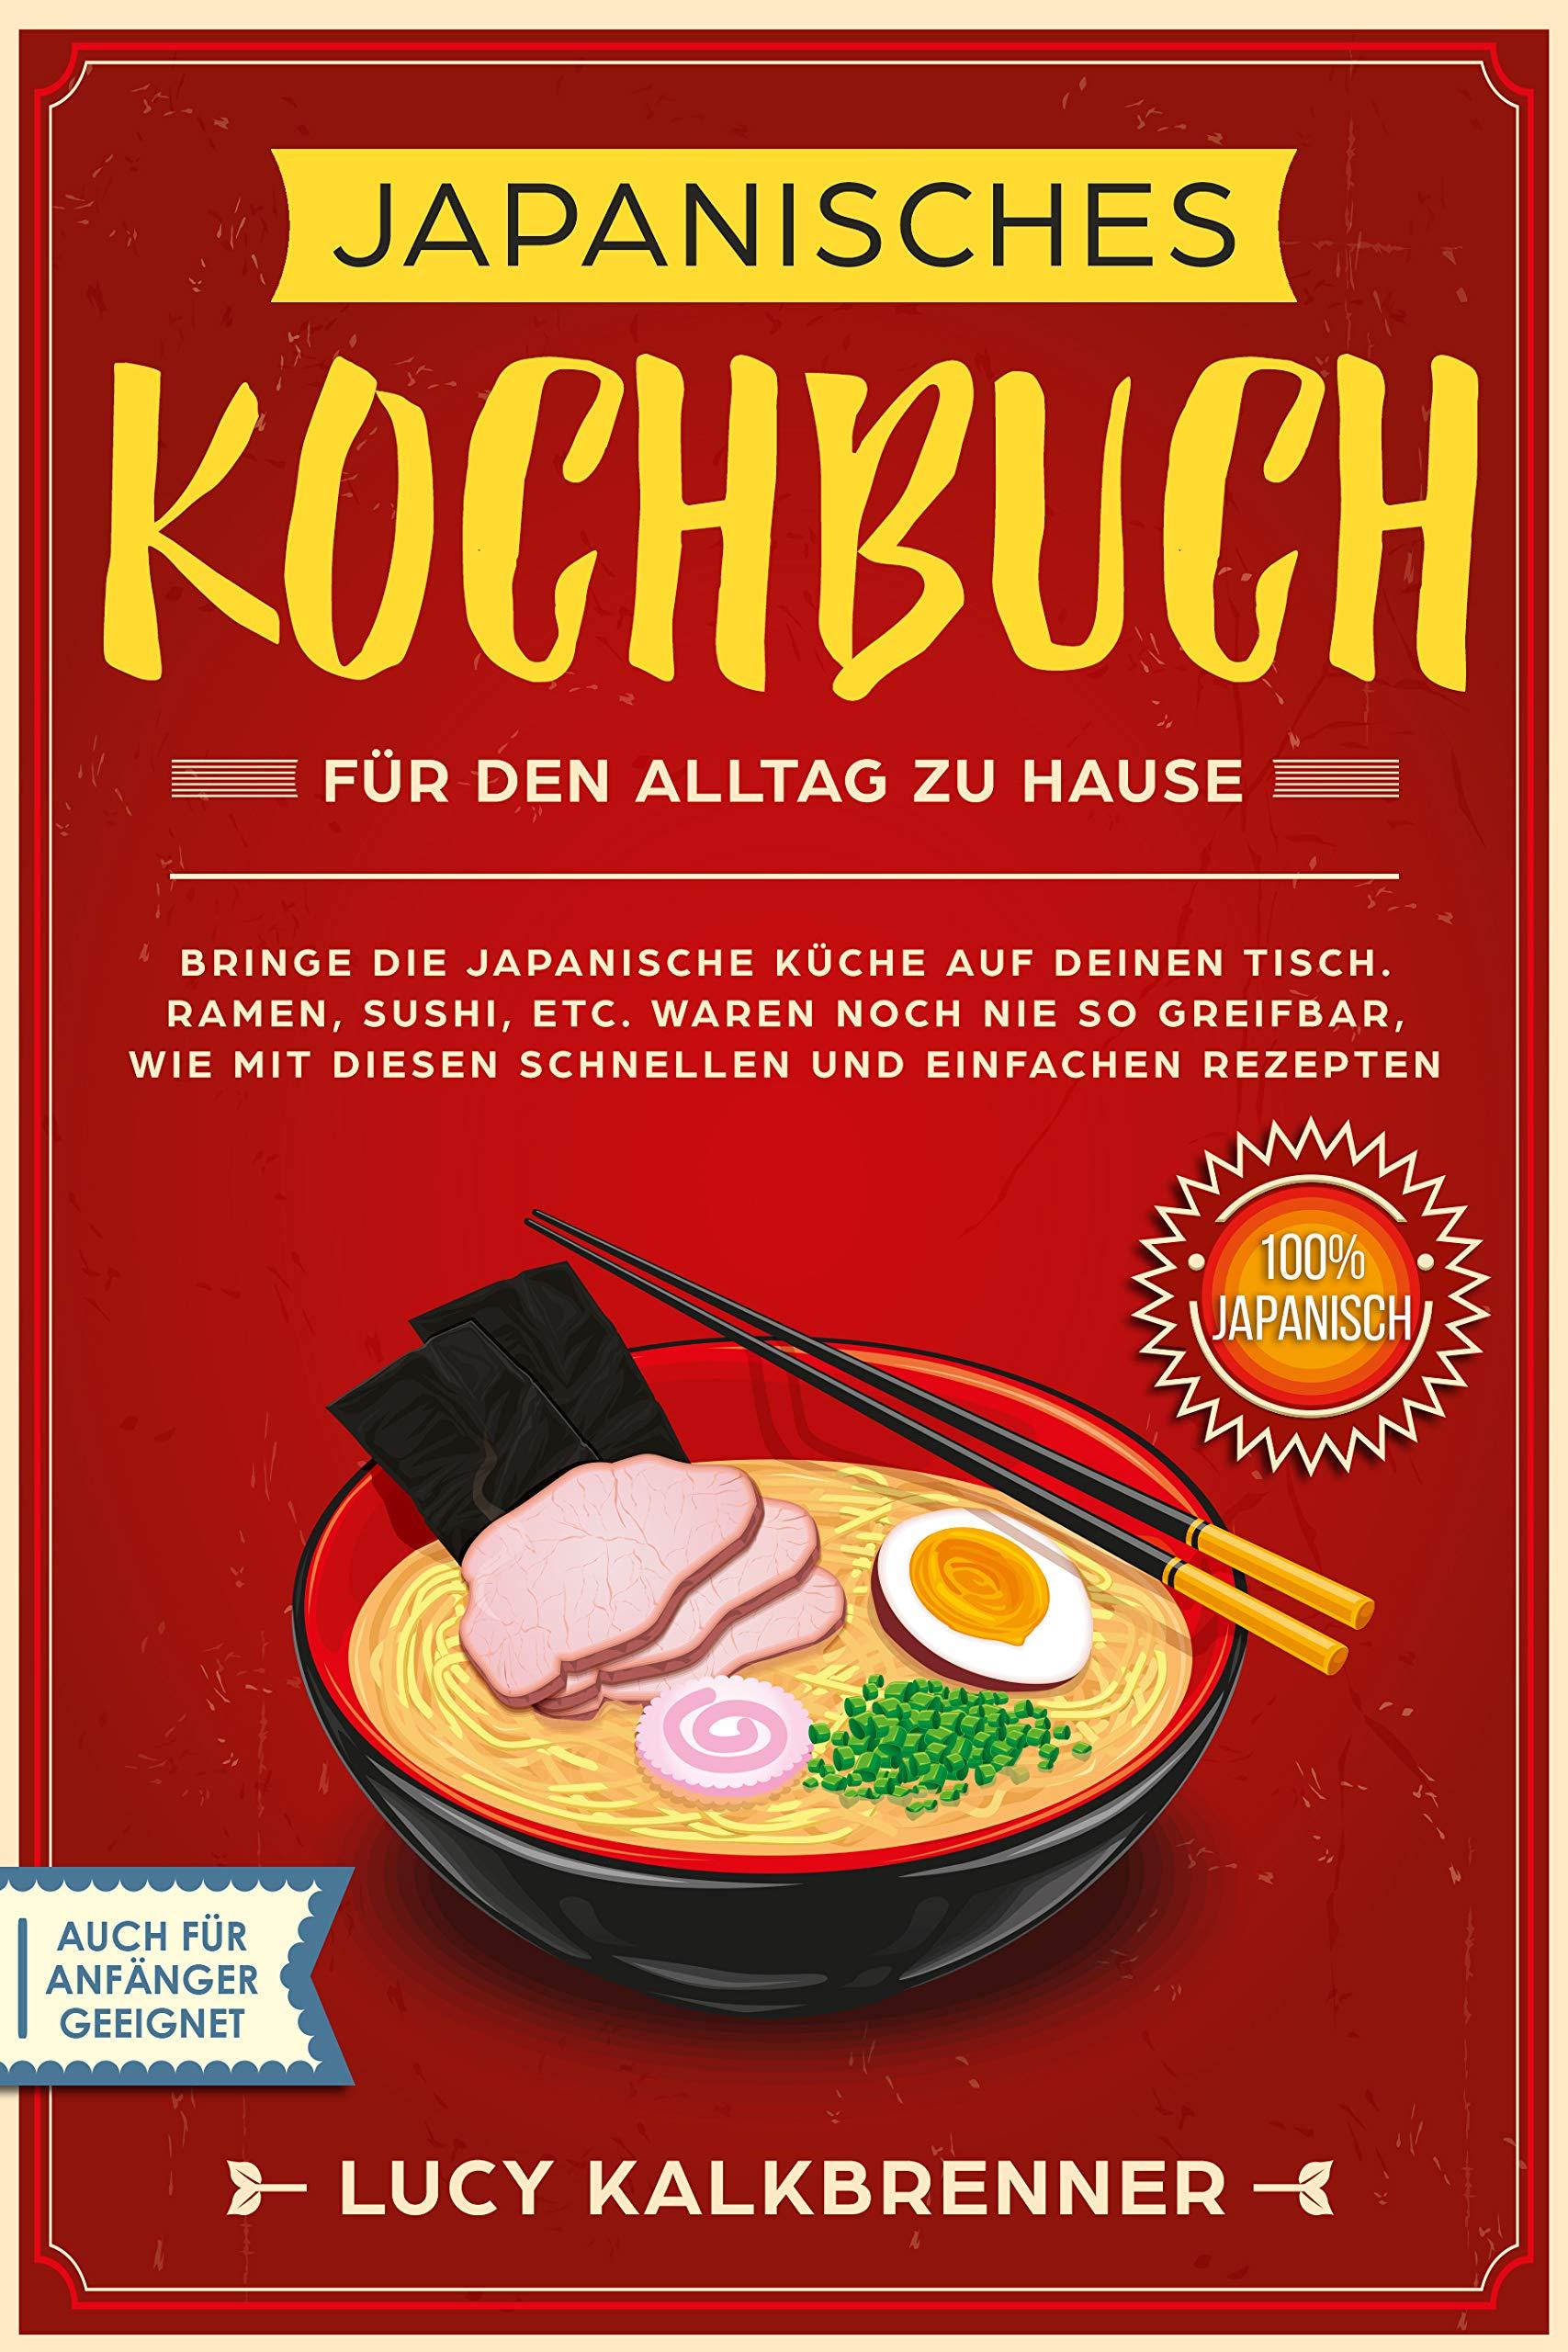 Japanisches Kochbuch Für Den Alltag Zu Hause  Bringen Sie Die Japanische Küche Auf Den Tisch. Ramen Sushi Etc. Waren Noch Nie So Greifbar Wie Mit Diesen Schnellen Und Einfachen Rezepten